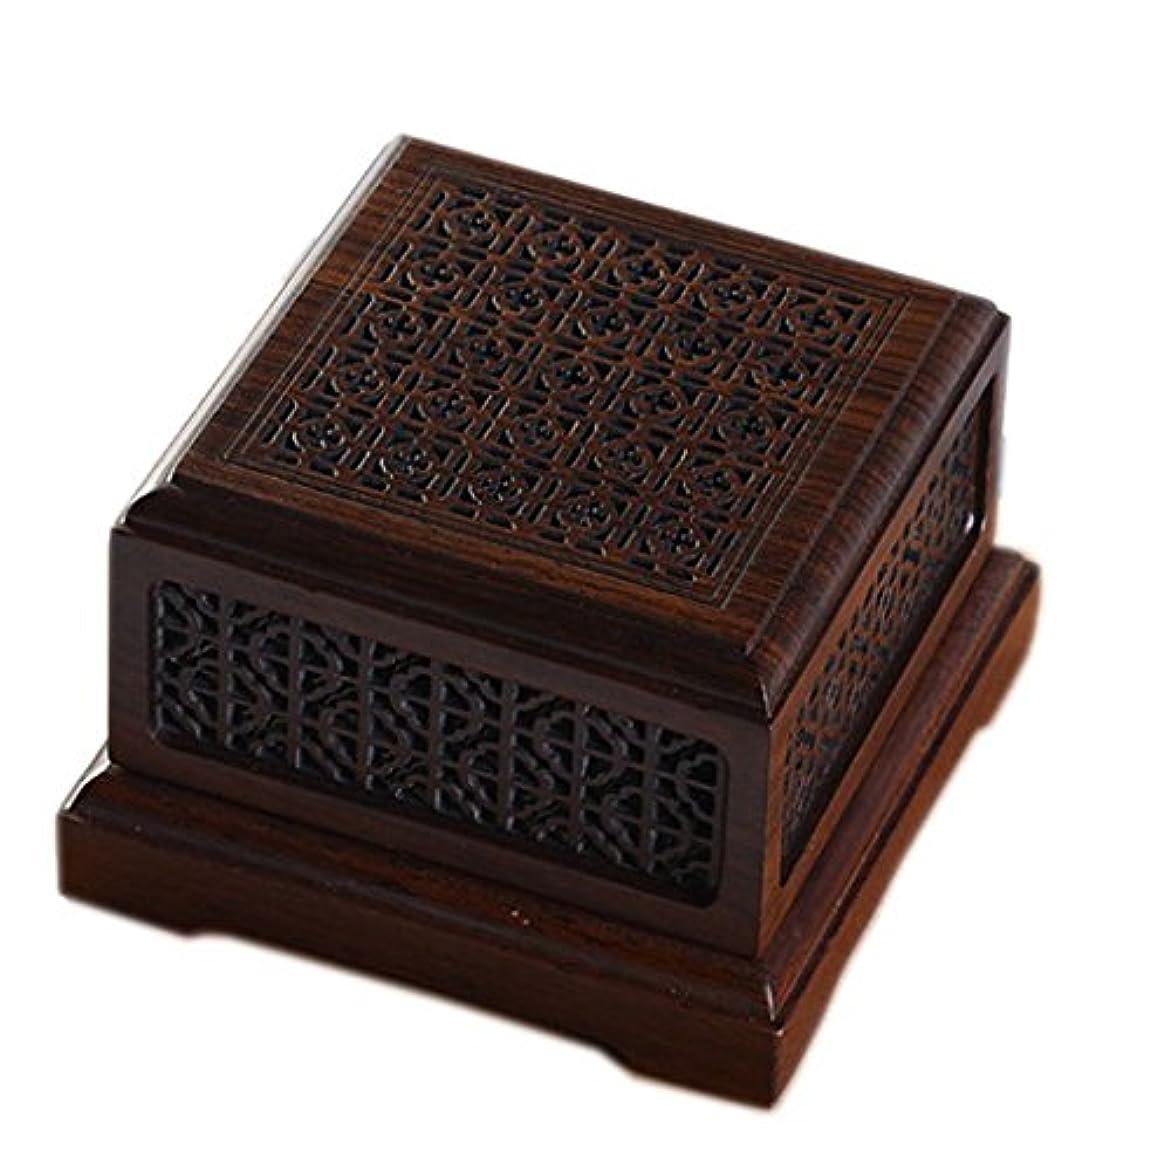 ロゴ安心アーサーコナンドイル(ラシューバー) Lasuiveur 香炉 線香立て 香立て 職人さんの手作り 茶道用品 おしゃれ